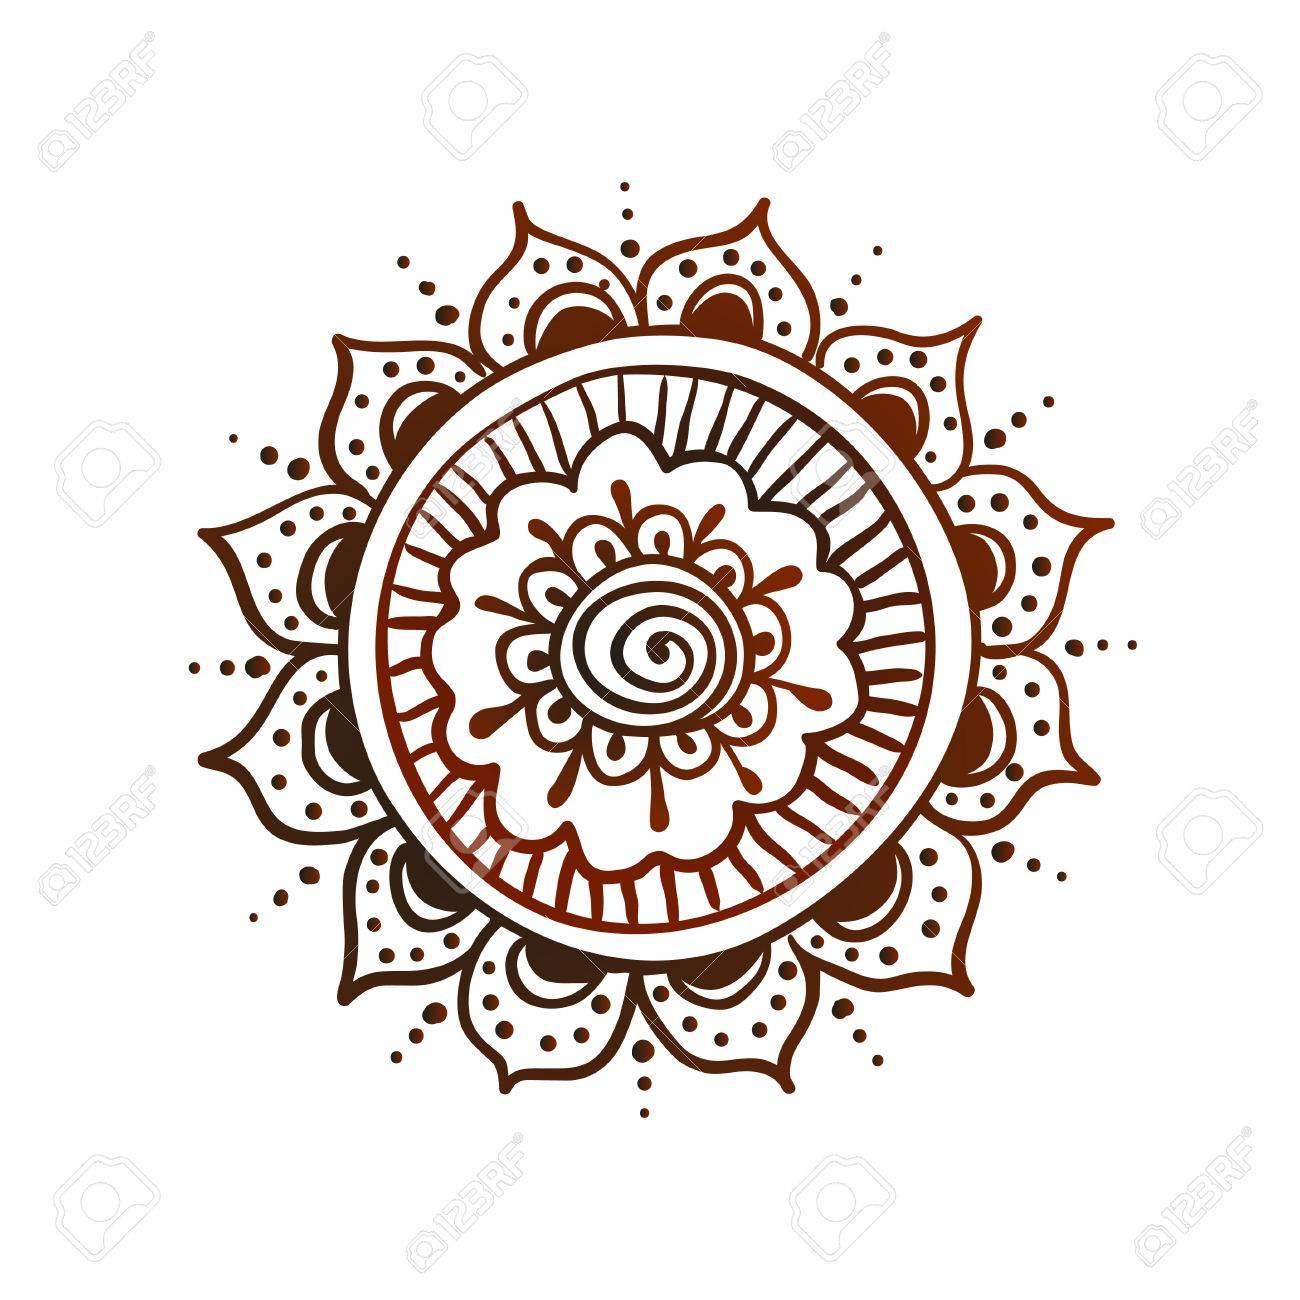 Hand Gezeichnet Mandala Verzierung Fur Henna Tattoo Vektor Symbol